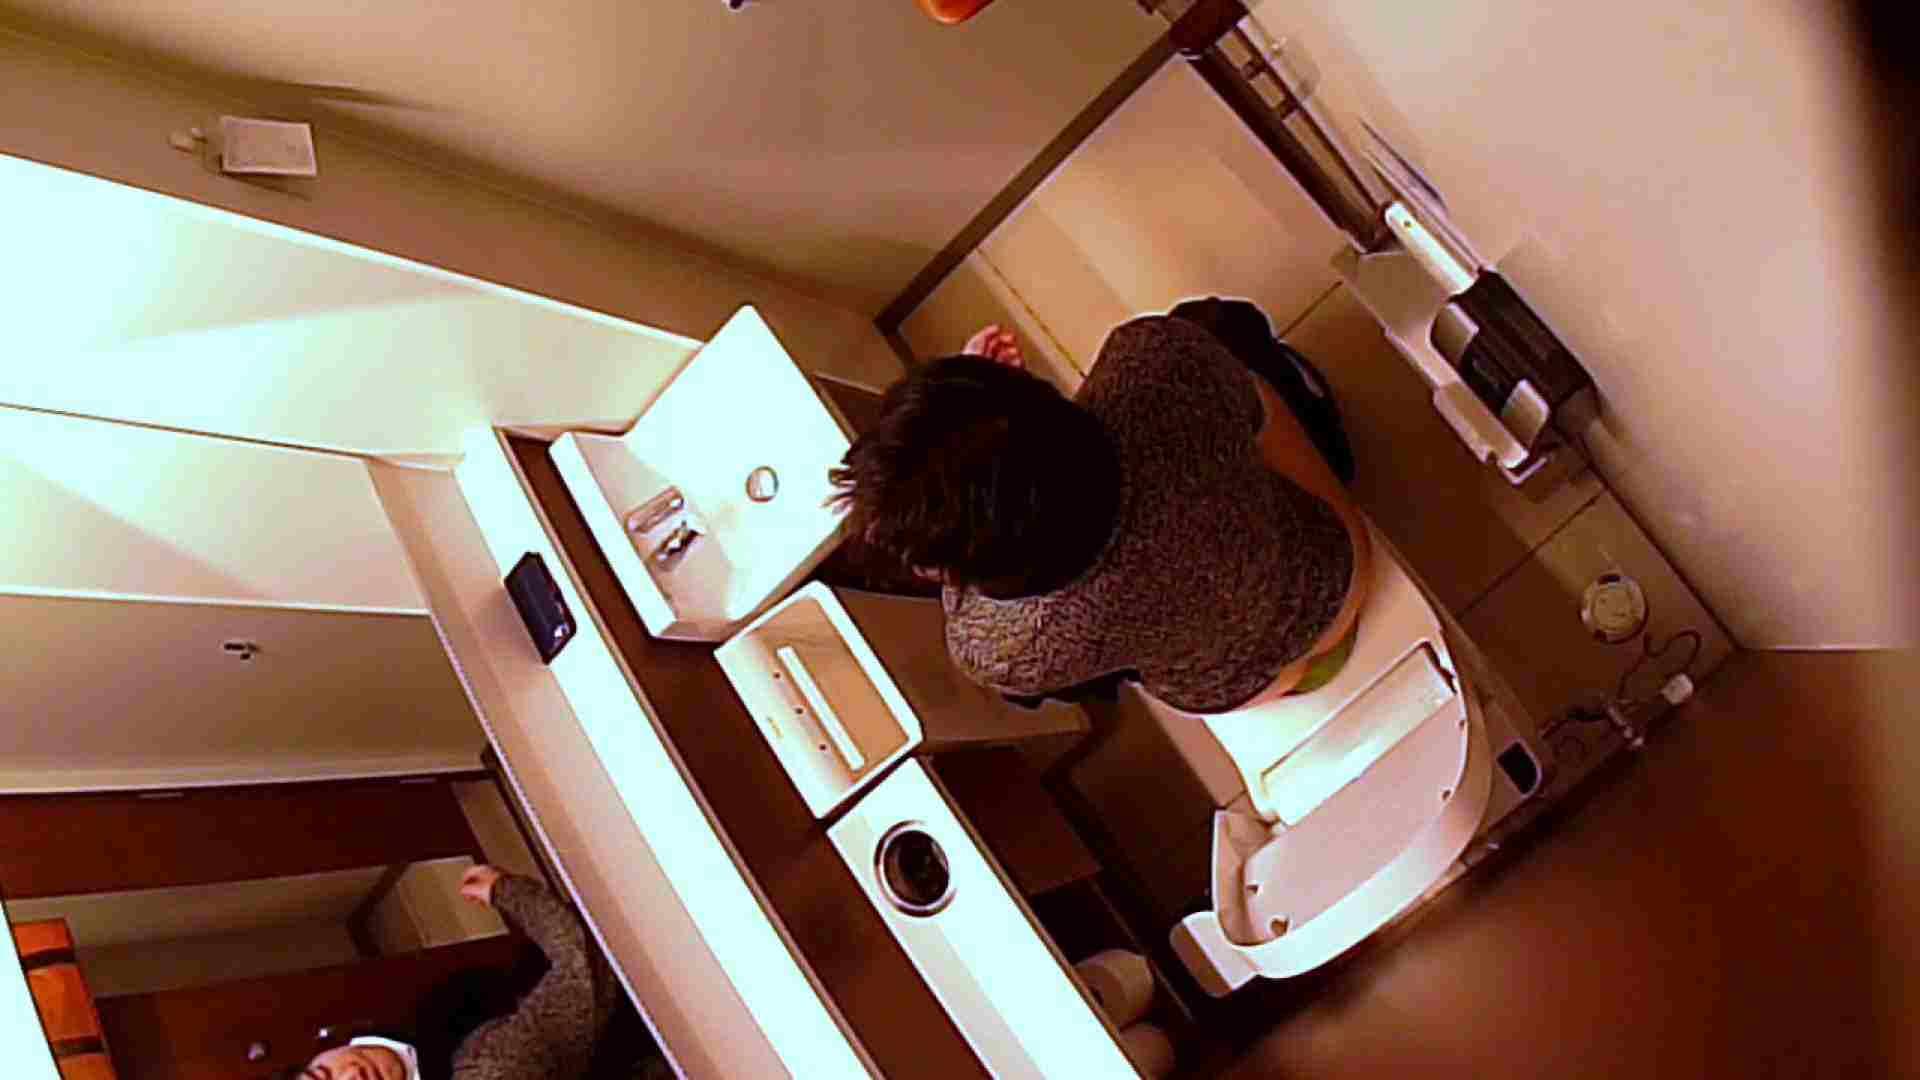 イケメンの素顔in洗面所 Vol.03 丸見え動画 | ボーイズうんこ  107pic 104